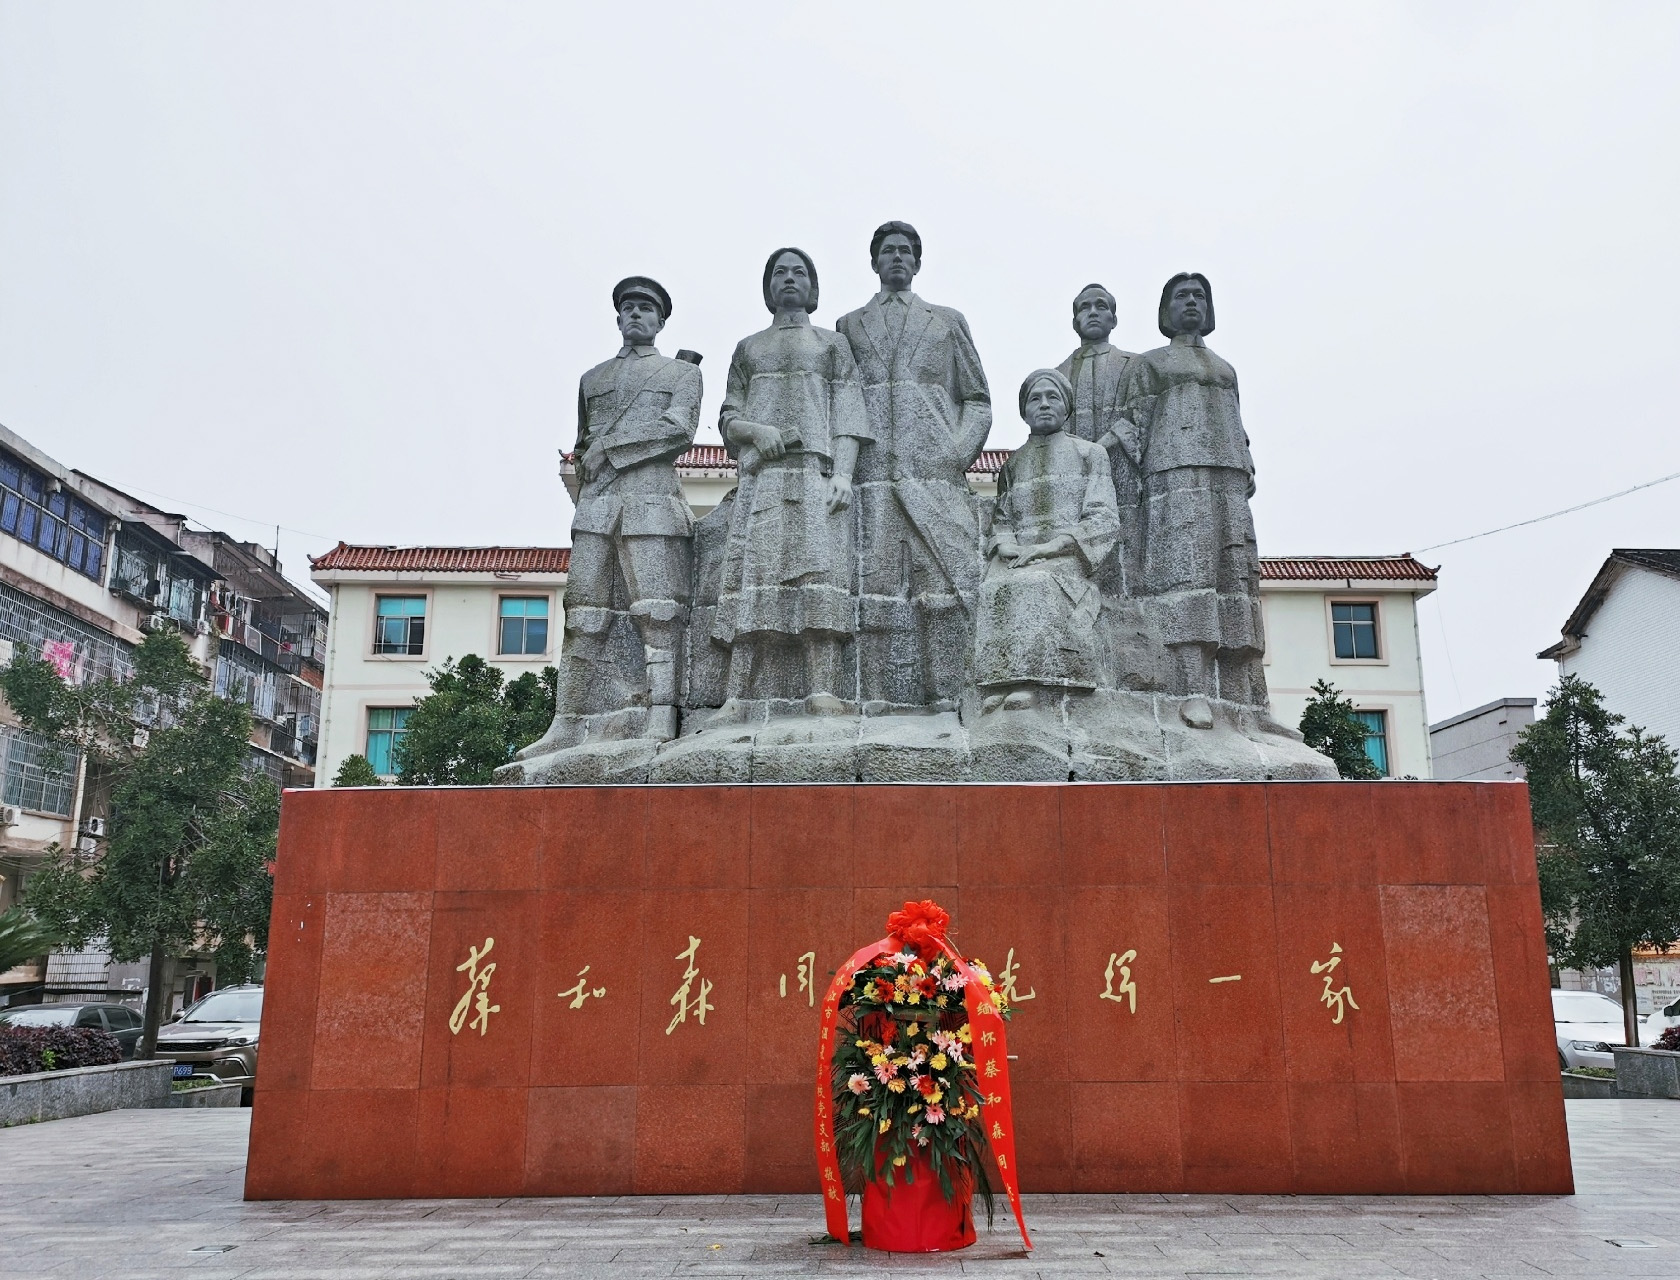 """蔡和森广场""""蔡和森同志光辉一家""""群雕塑像"""